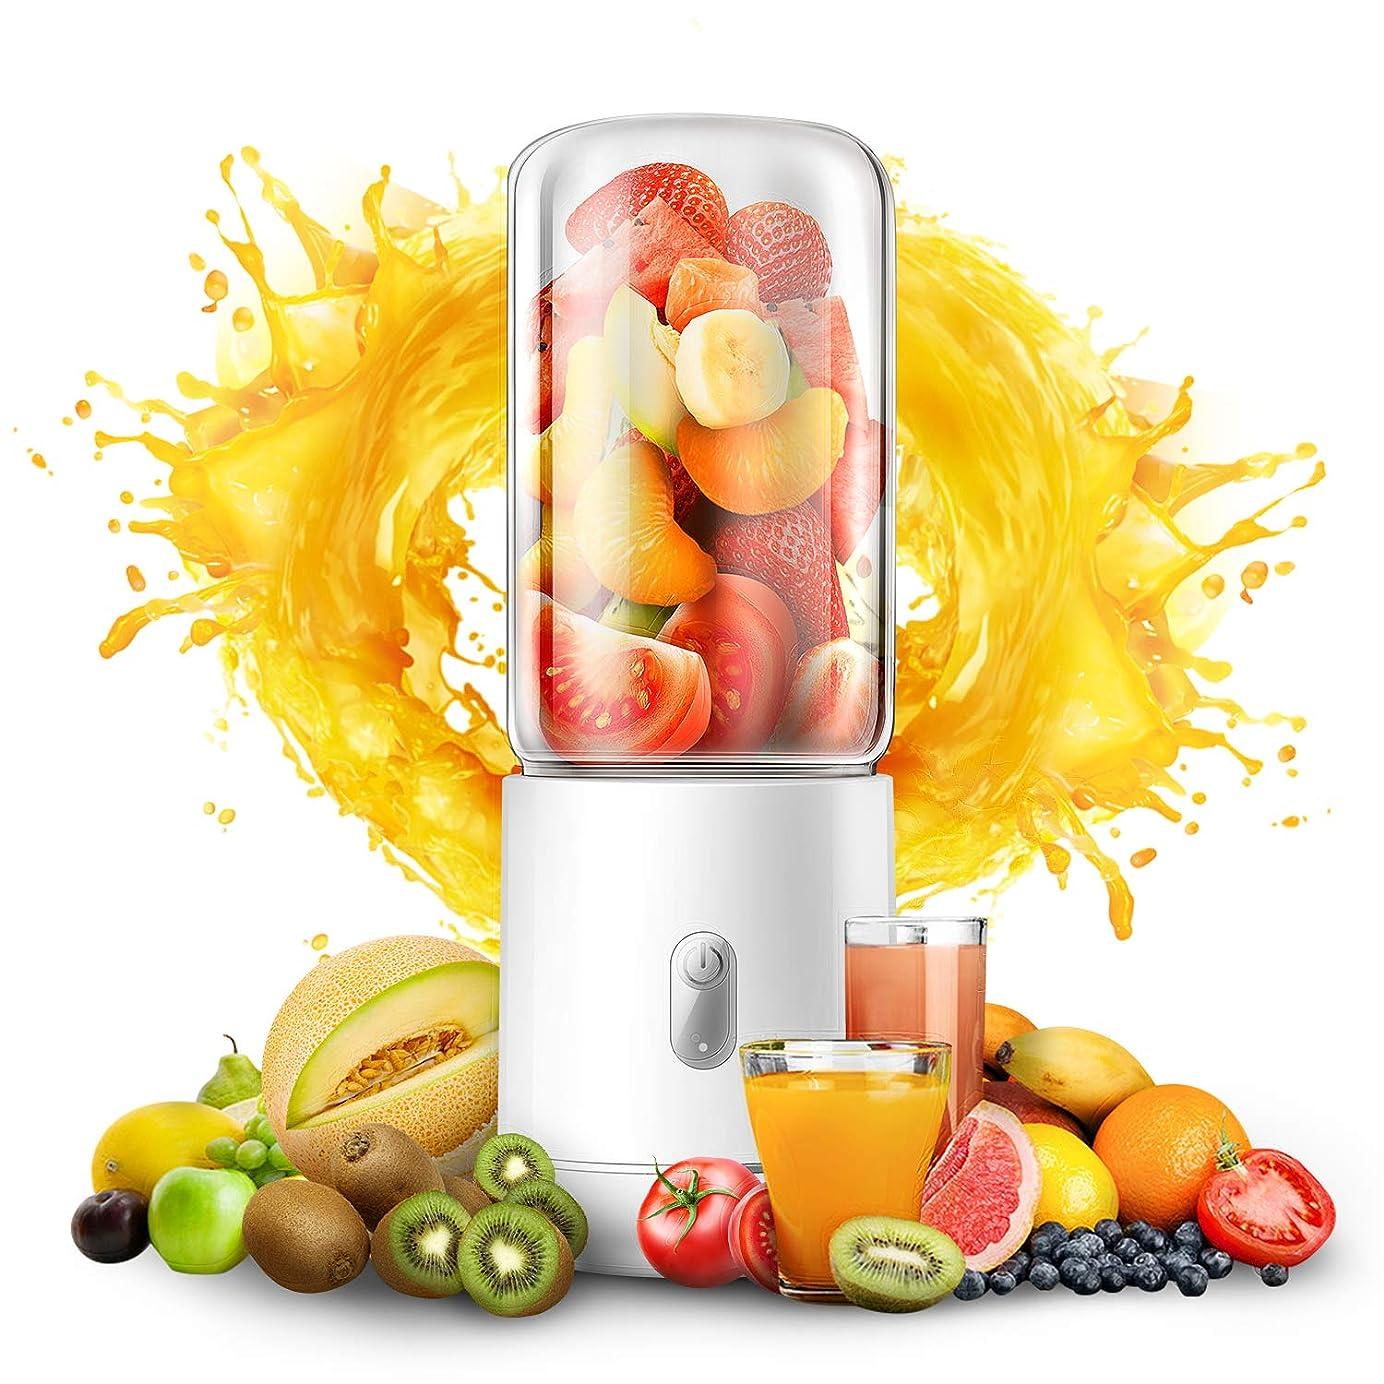 色逃げる離れたミキサー ジューサー ブレンダー スムージー 離乳食 野菜 青汁 手作りフルーツジュース 小型 USB充電式